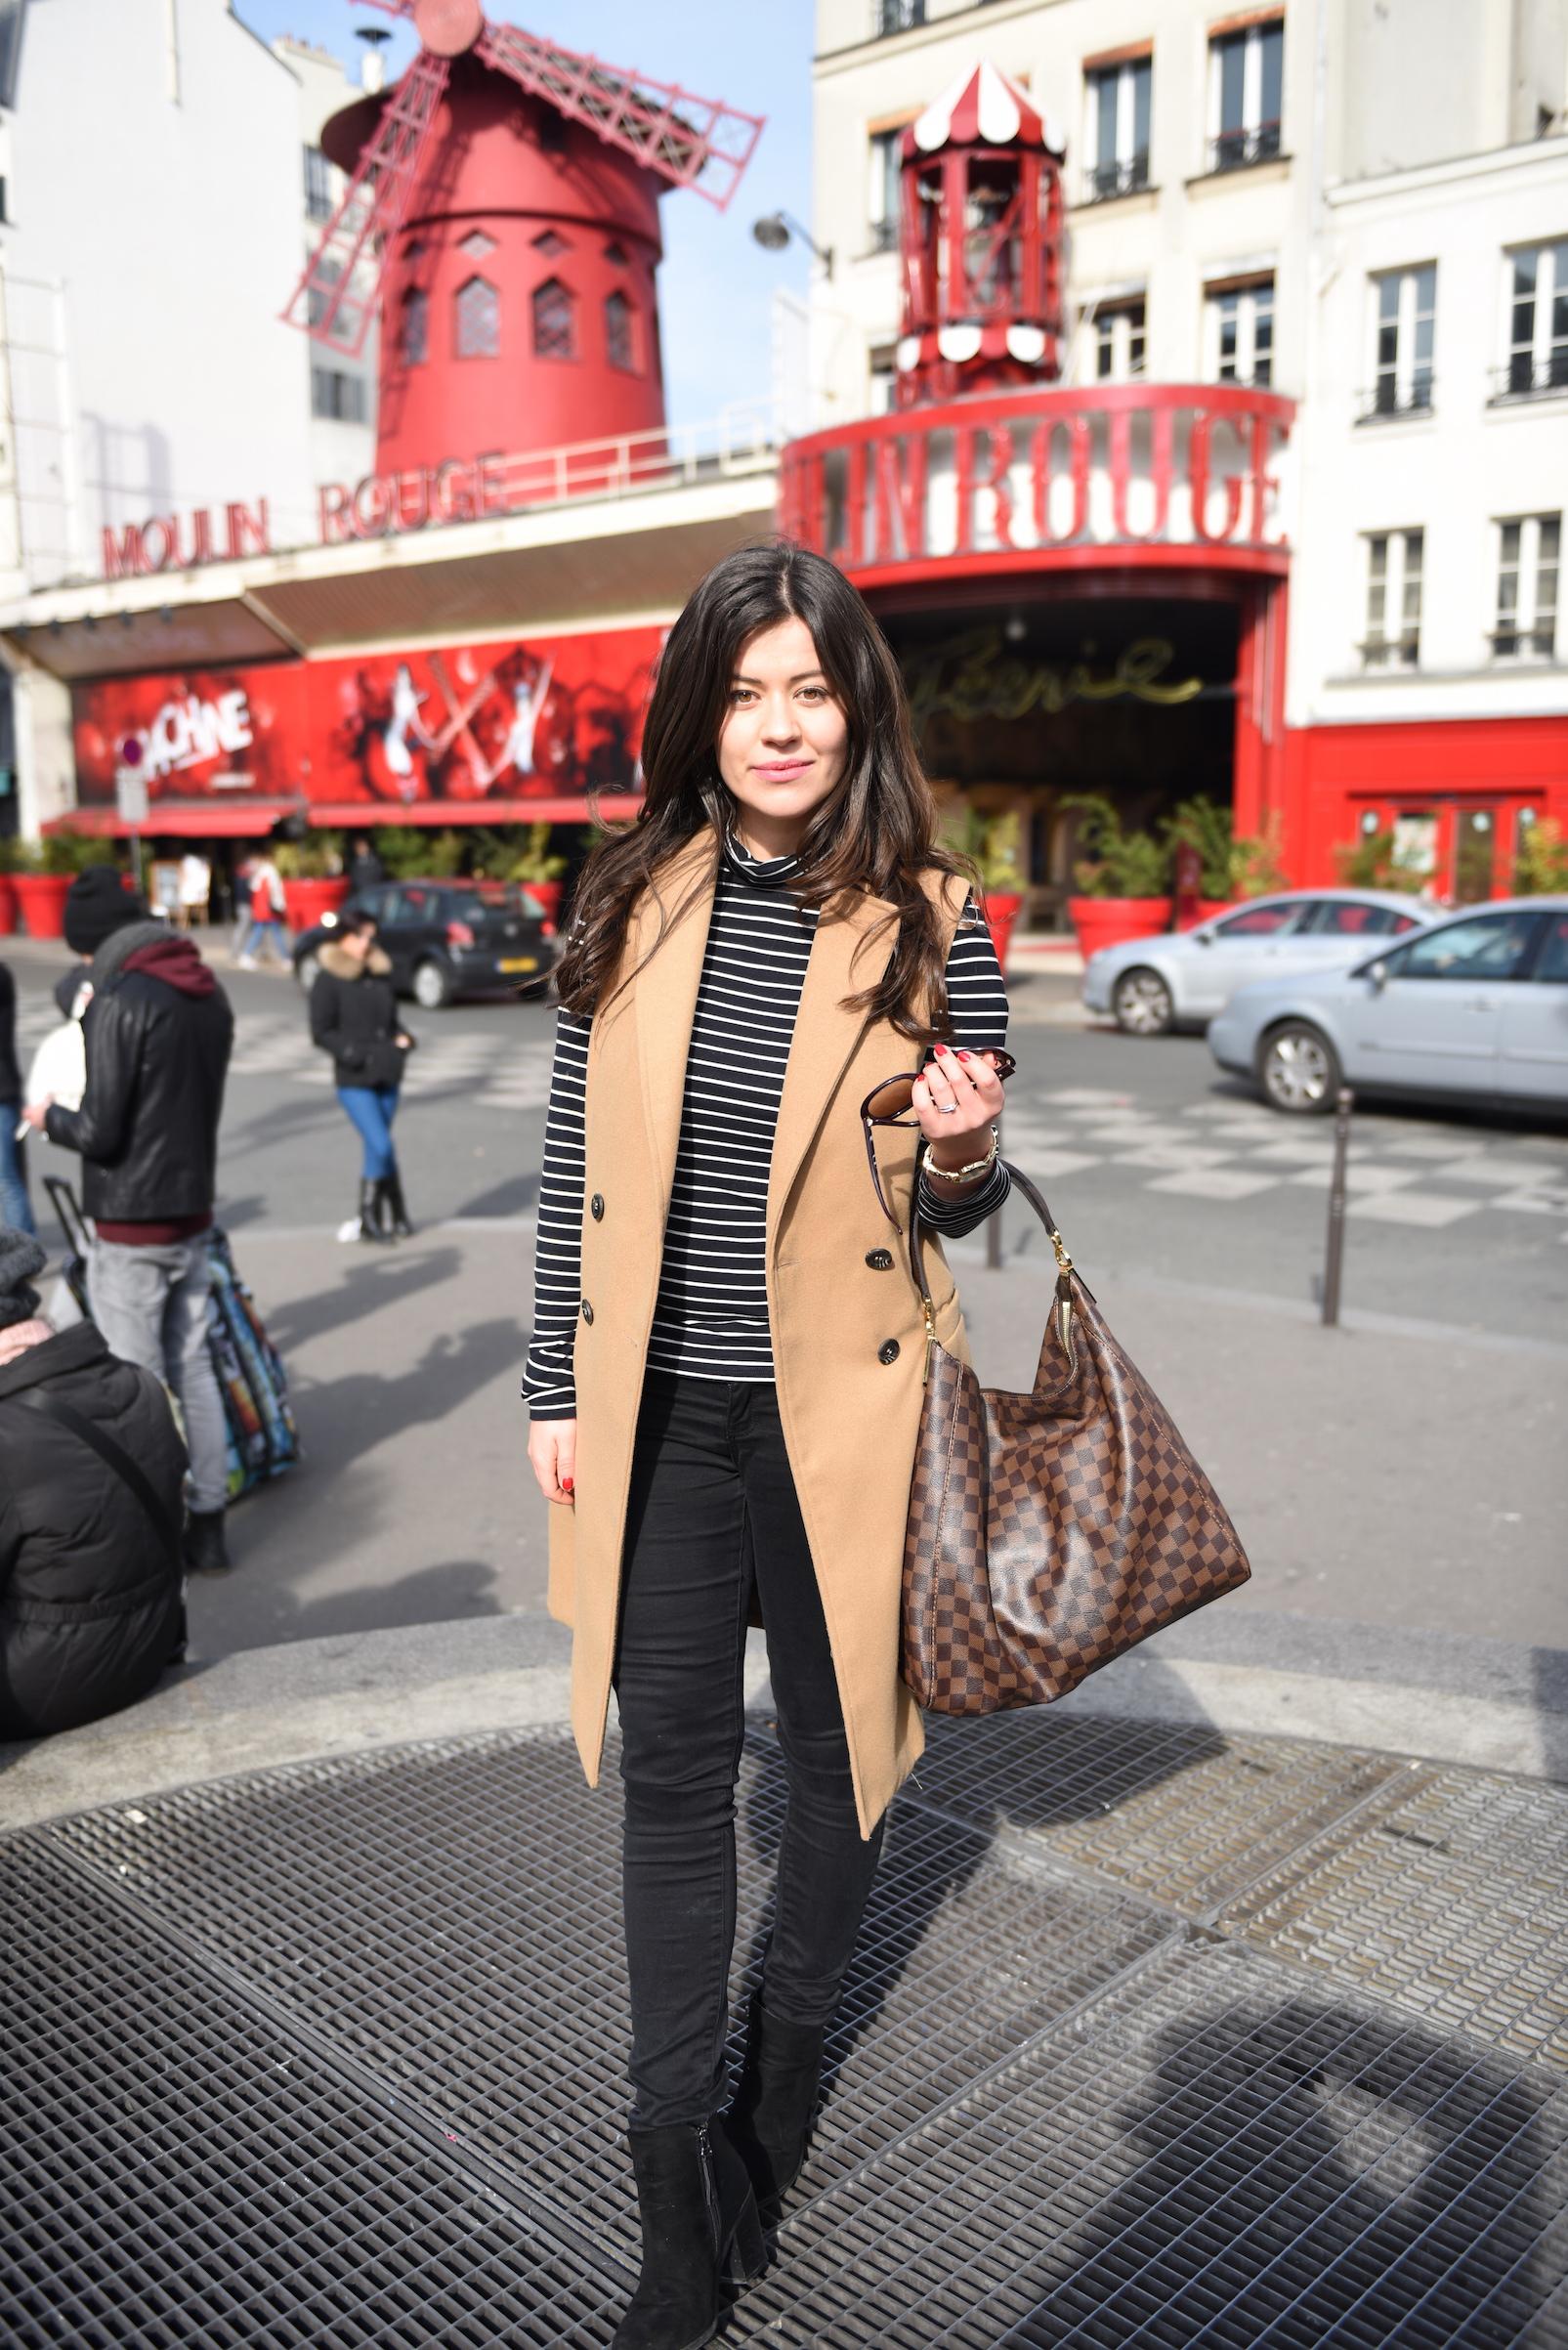 stylizacja w paryskim stylu